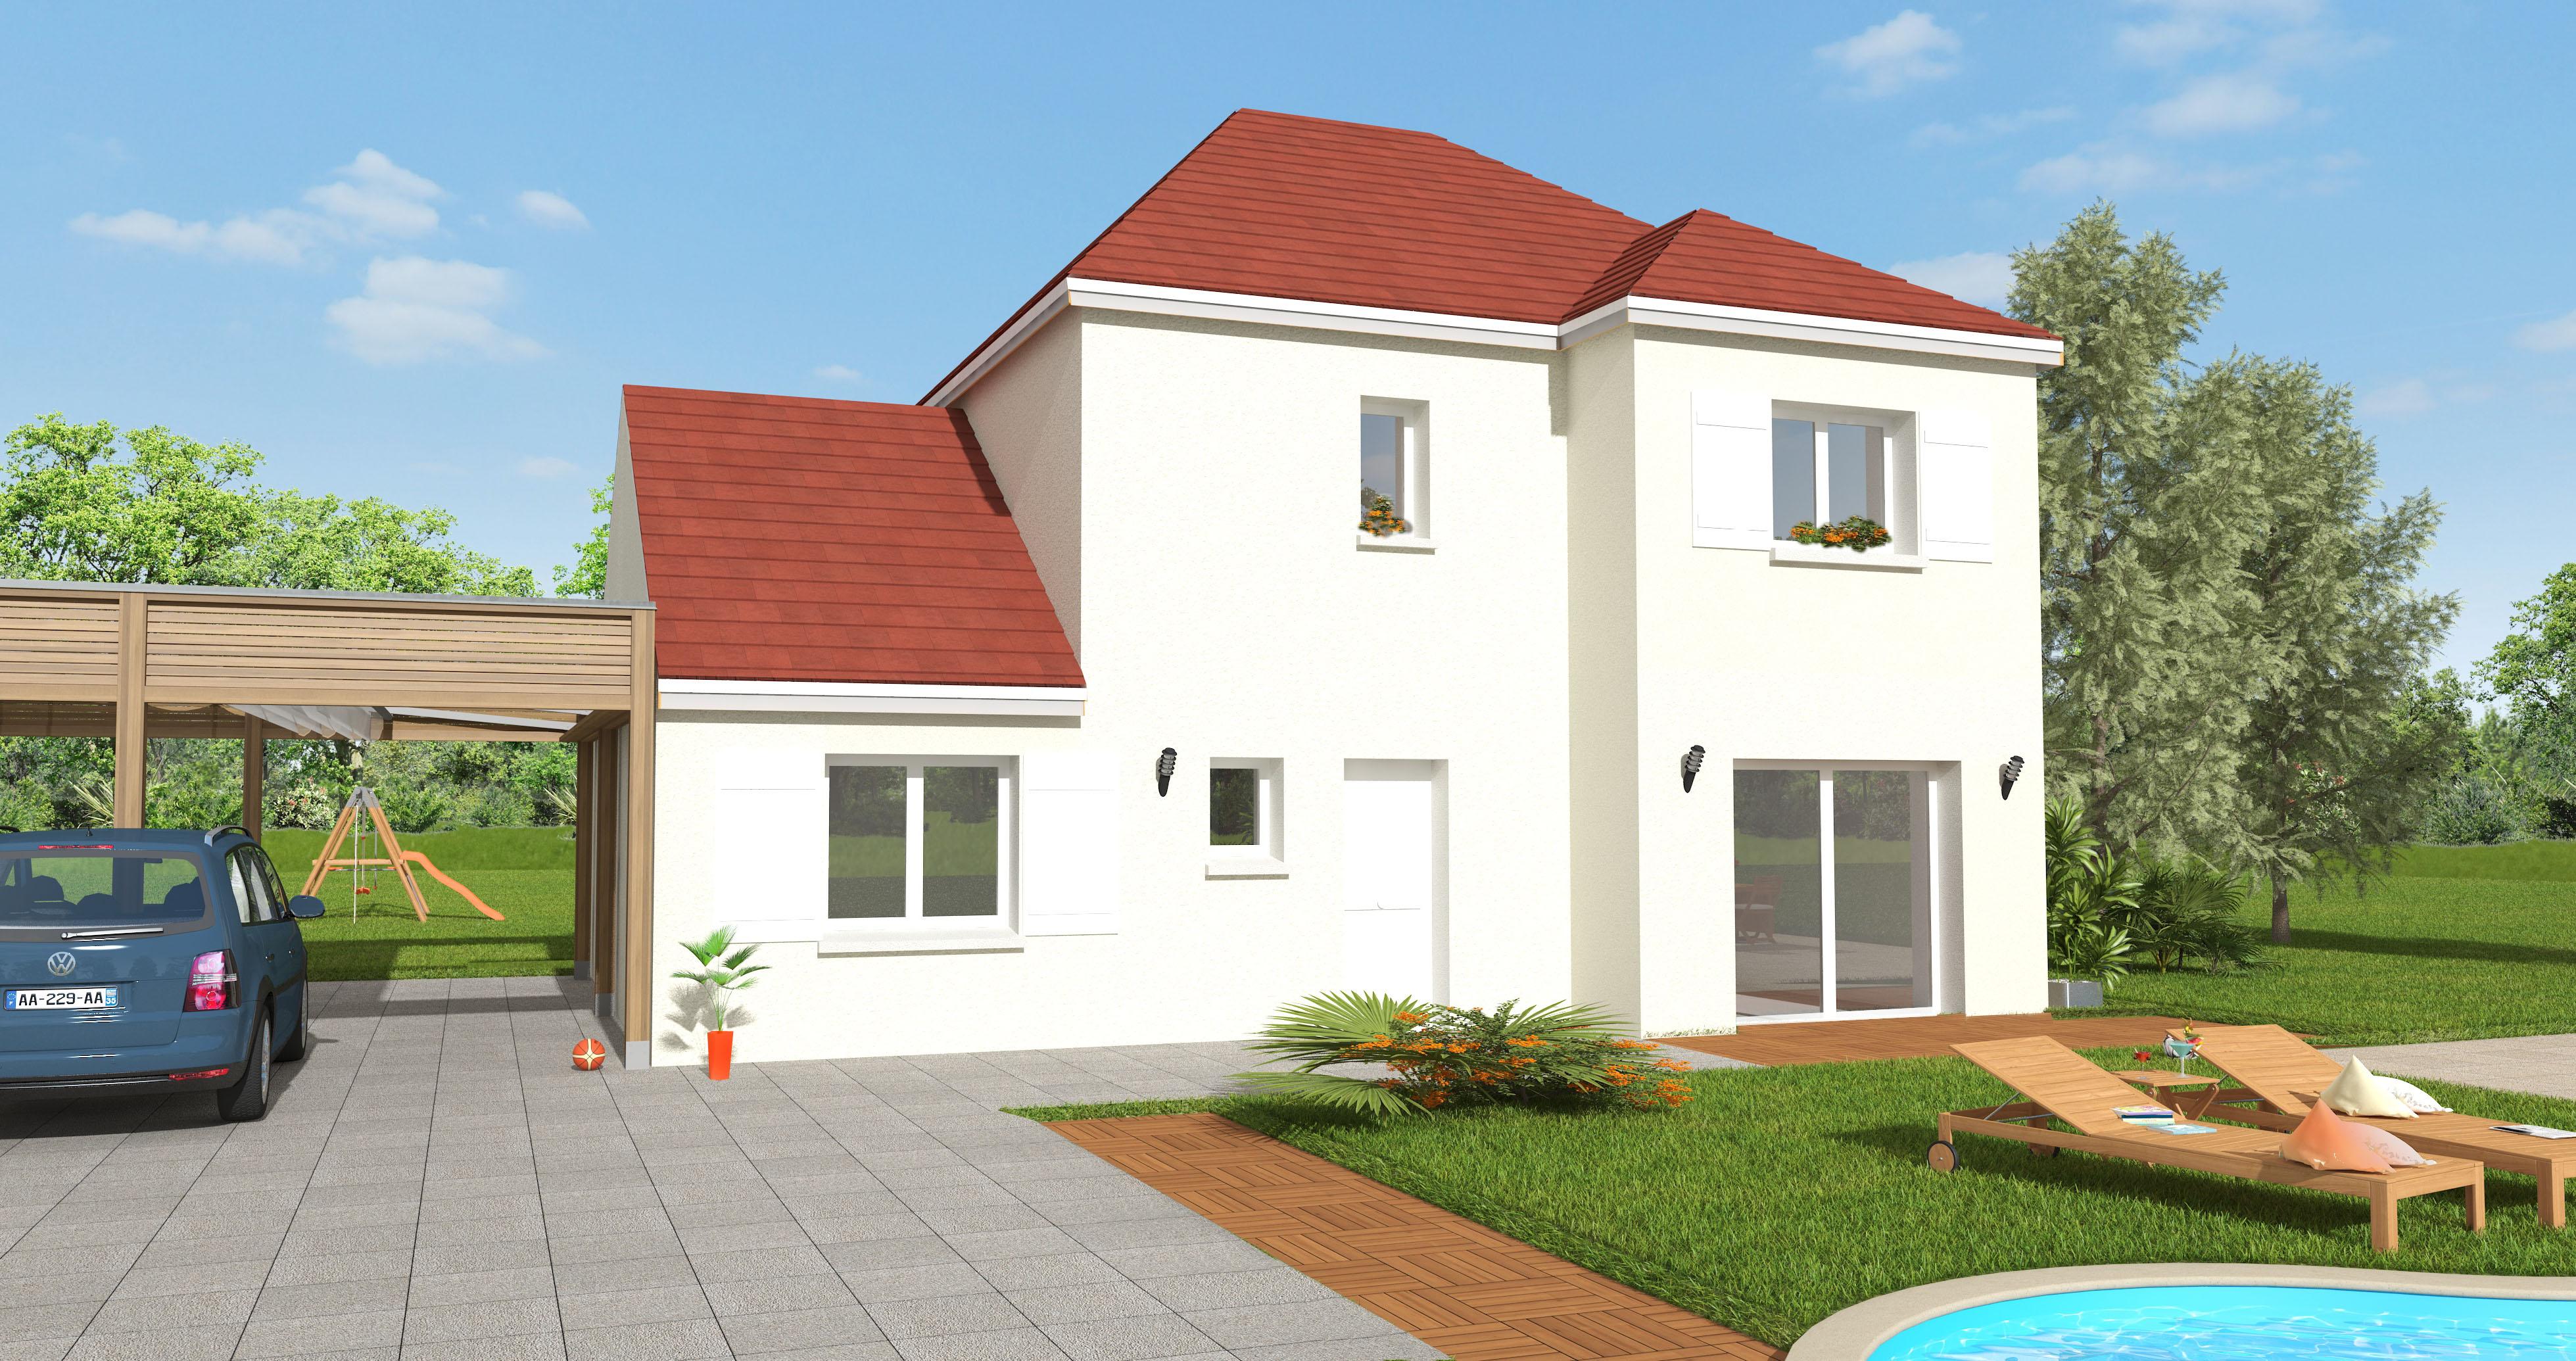 Maisons + Terrains du constructeur MAISON 7 SENS • 135 m² • SAINT FARGEAU PONTHIERRY